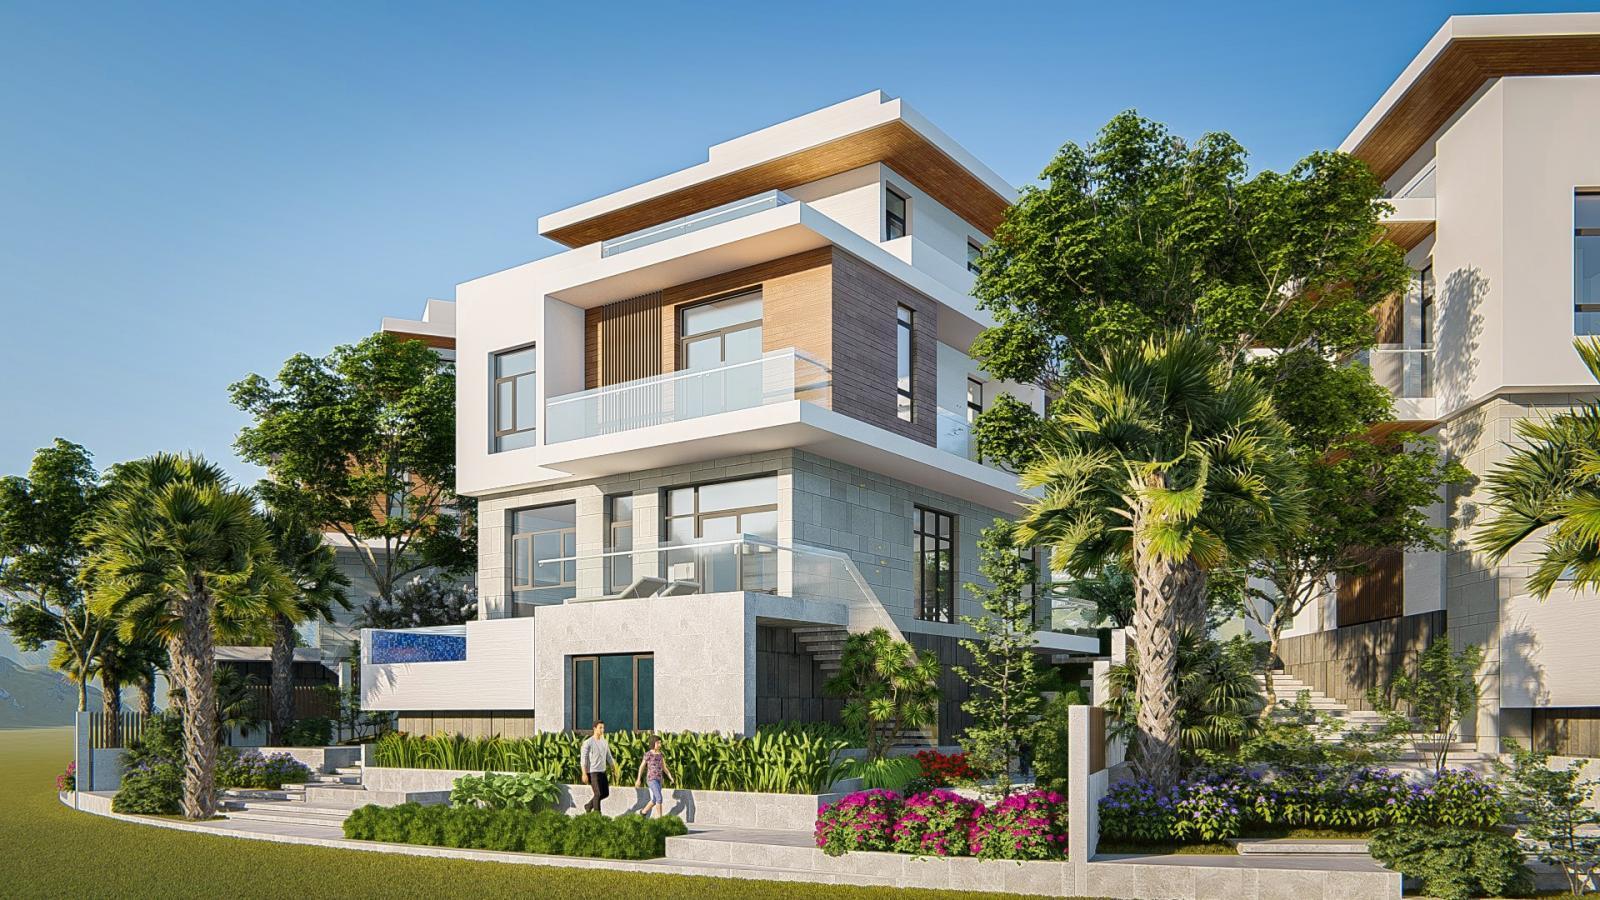 Một căn biệt thị 3 tầng, xung quanh trồng nhiều cây xanh và có 2 người đi bộ dưới vỉa hè